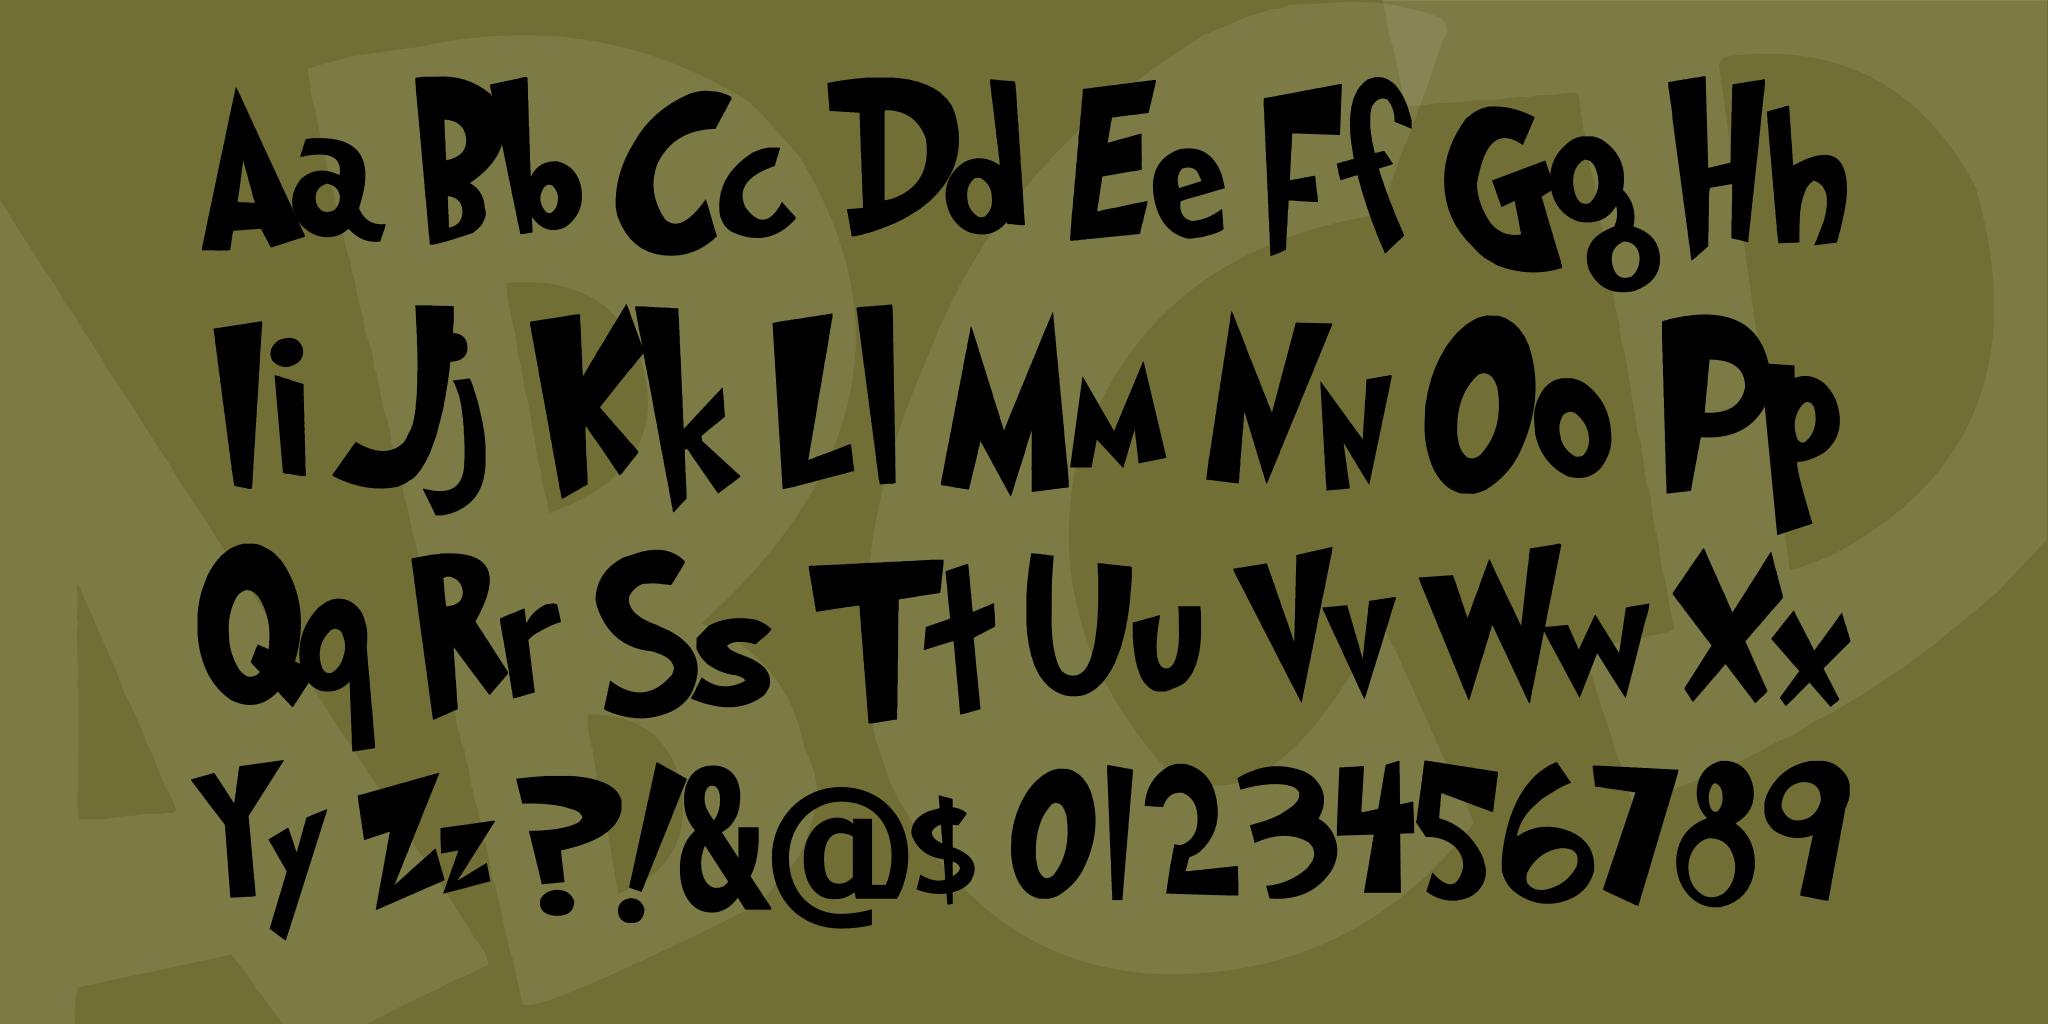 Grinched Font · 1001 Fonts Dr seuss font, Grinch